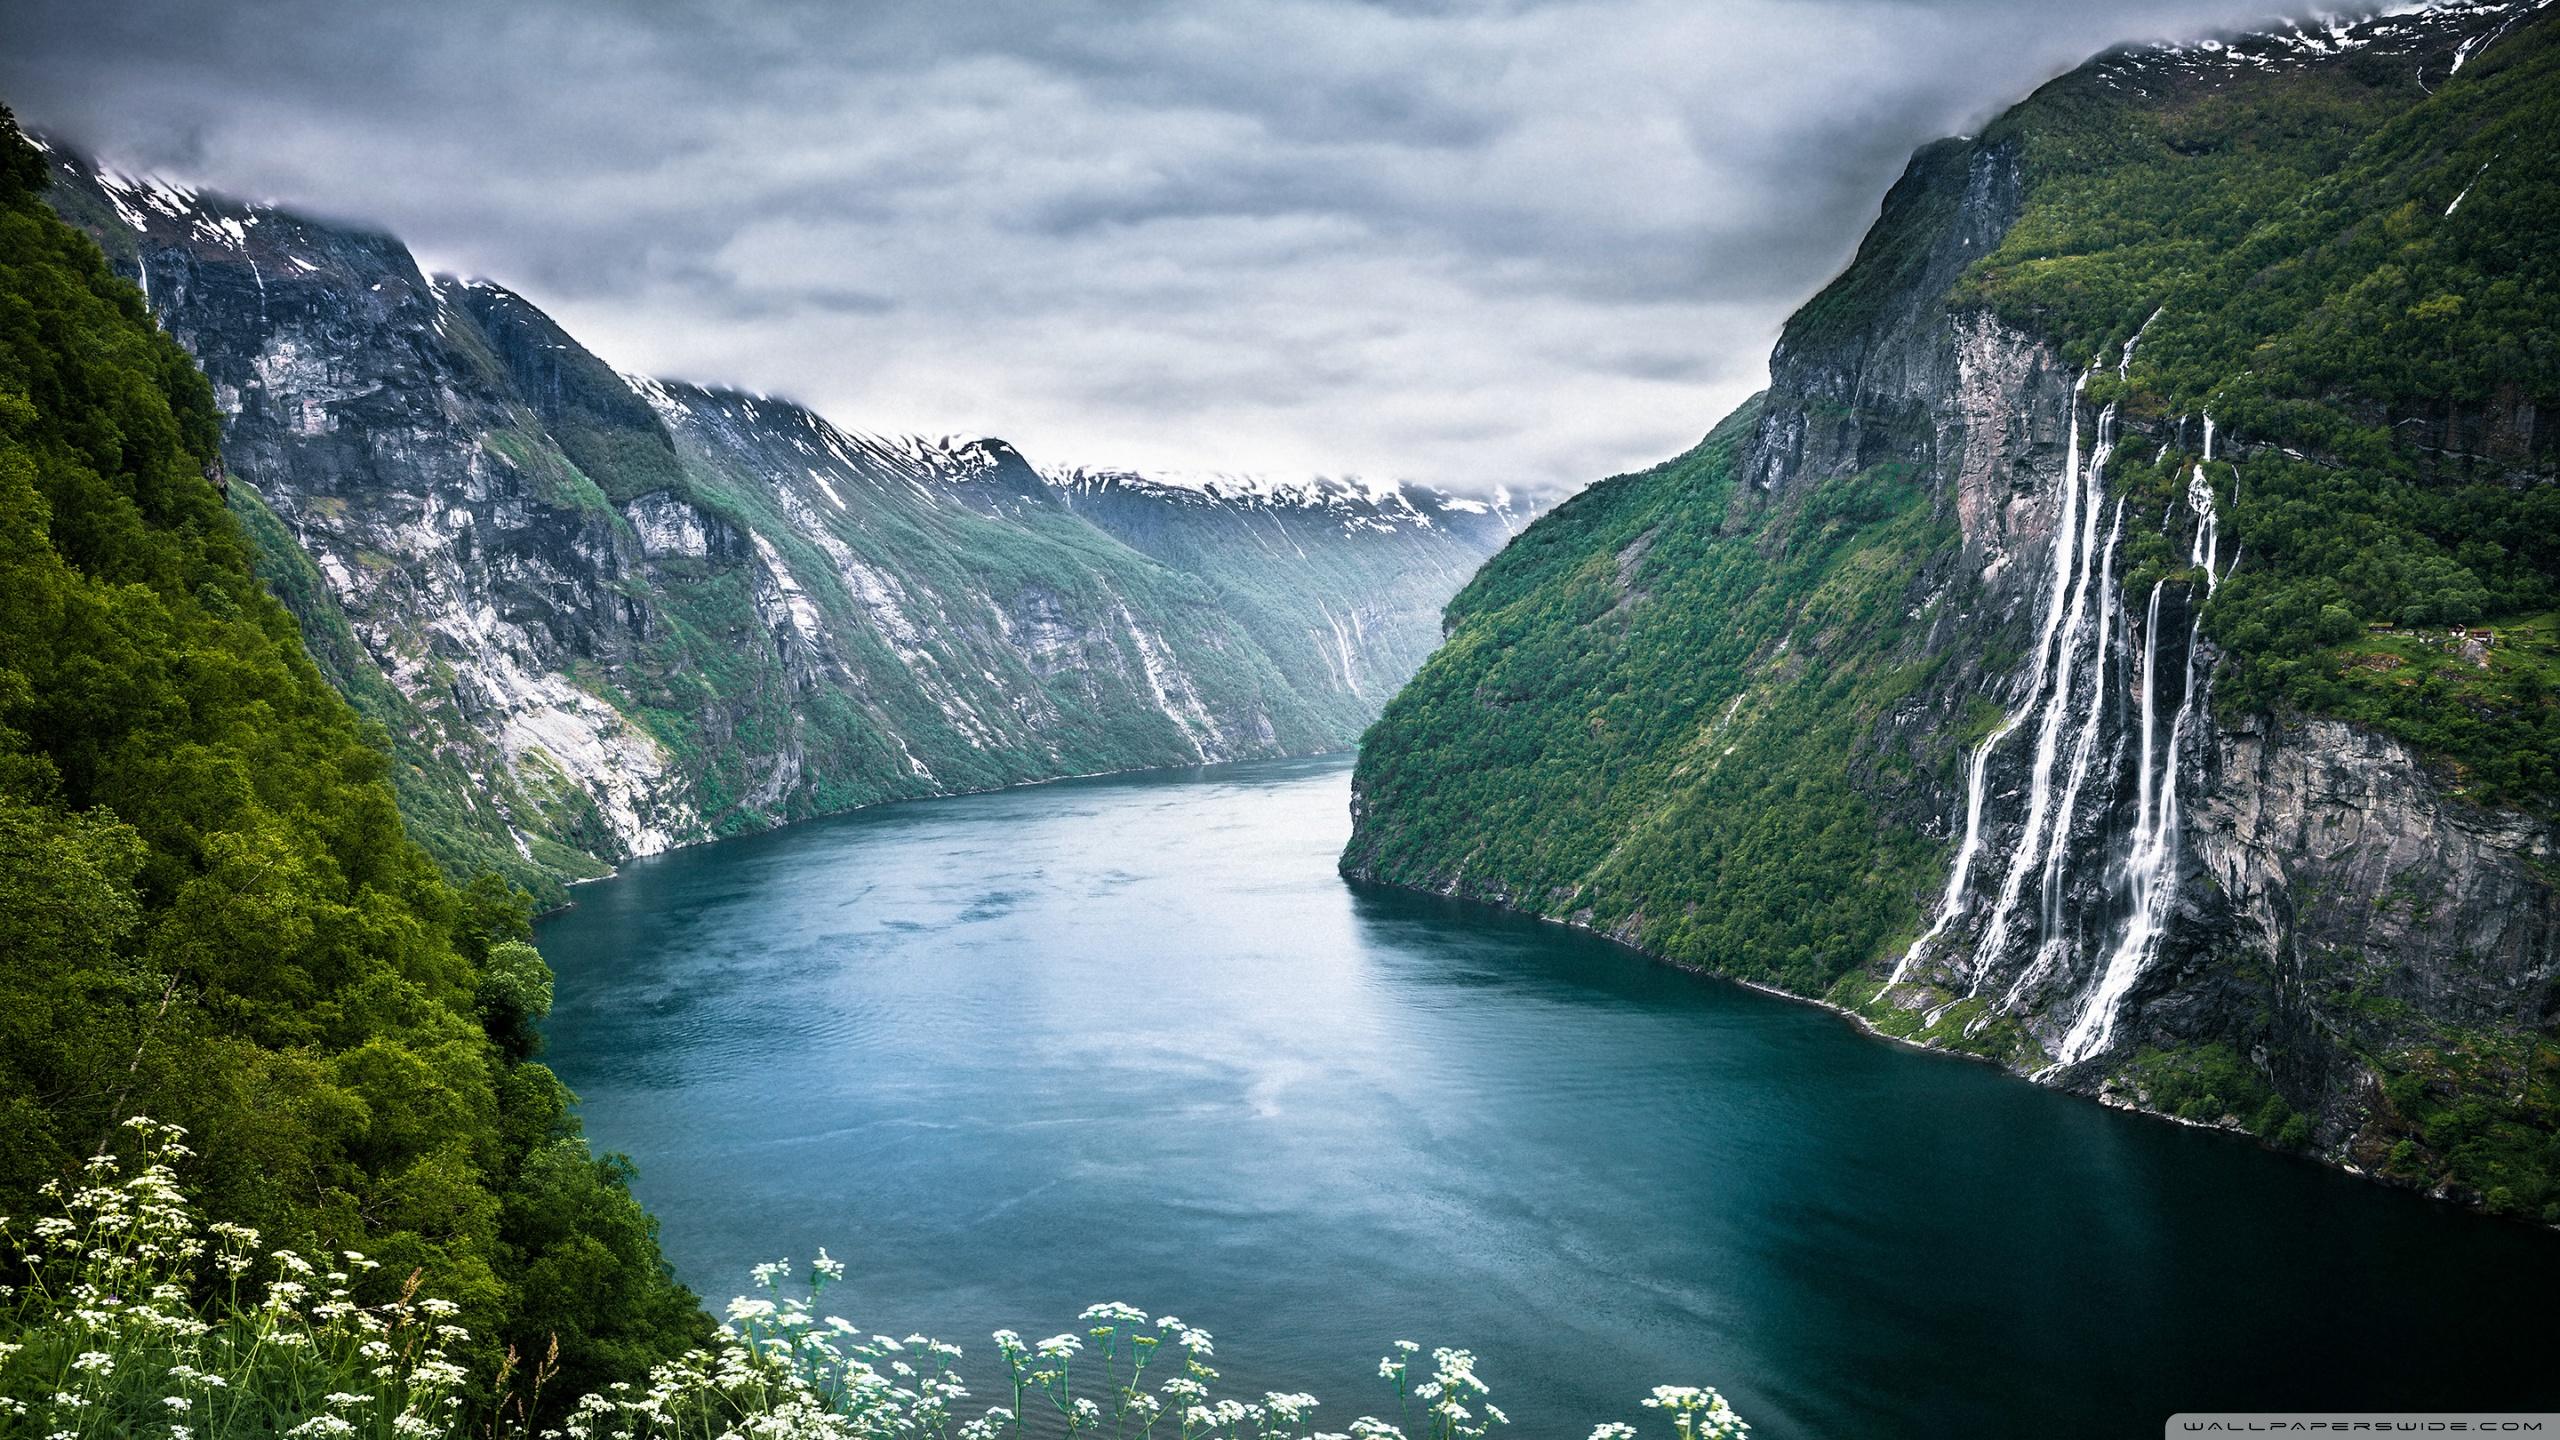 Norway Fjord 4K HD Desktop Wallpaper For 4K Ultra HD TV